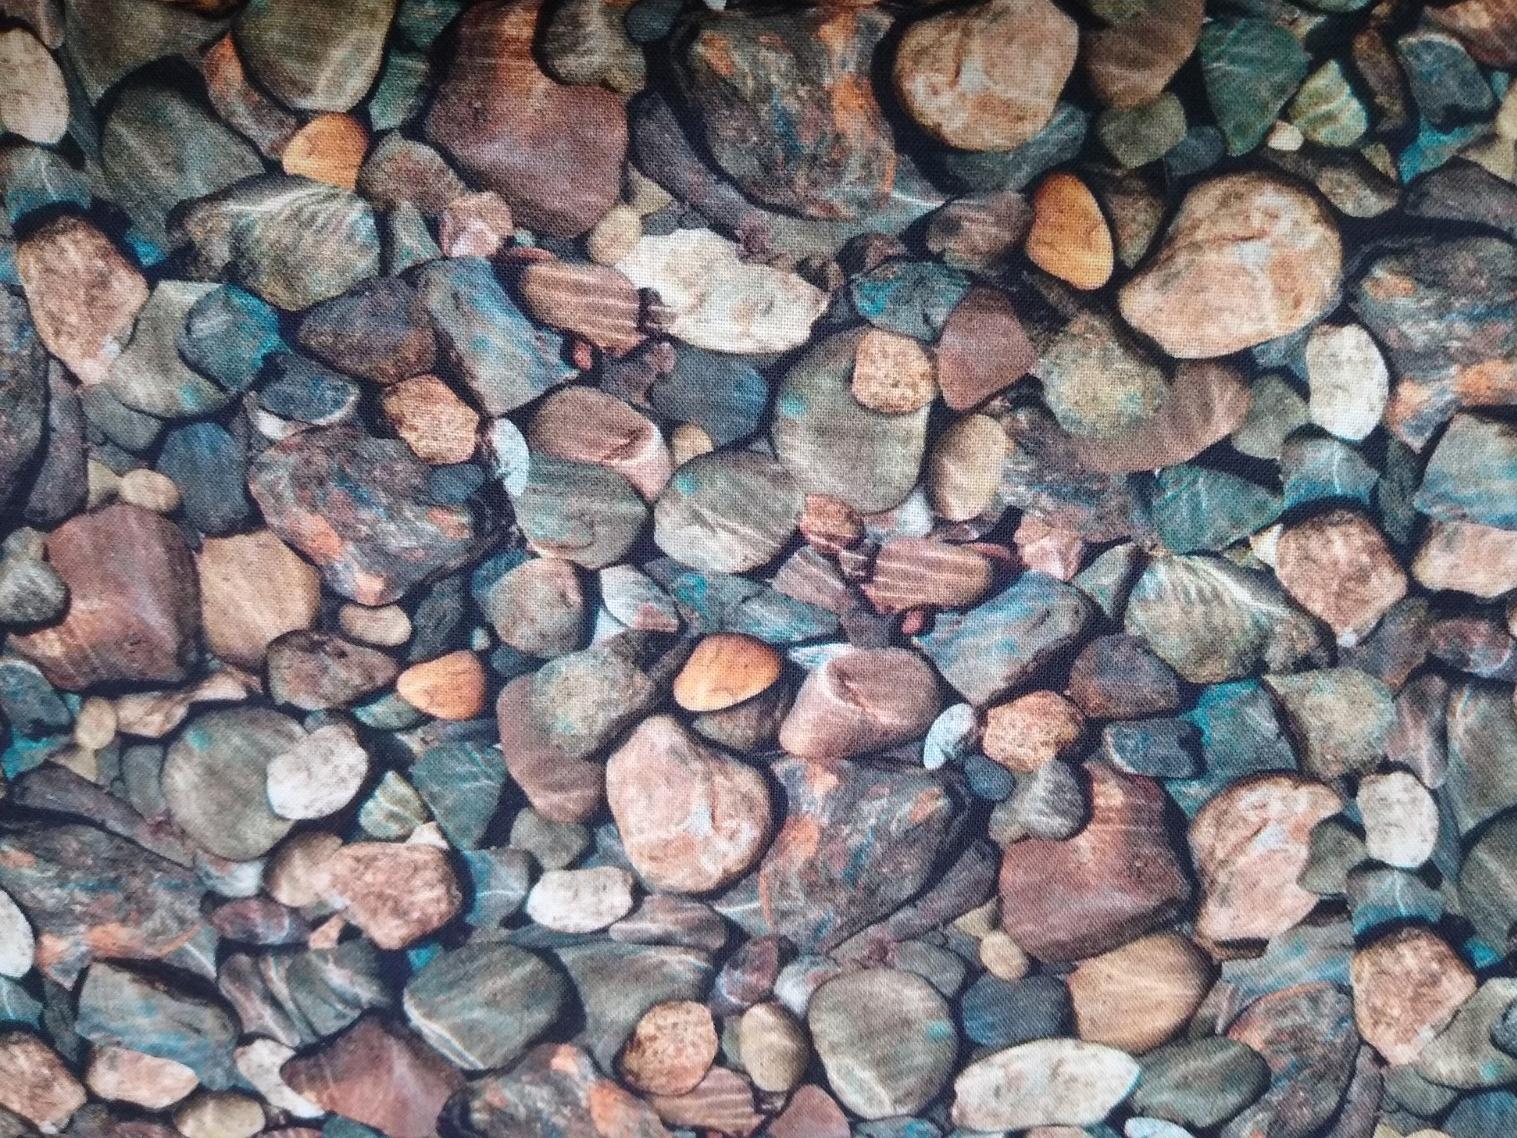 Baumwolle Steiene Fotodruck, 110cm breit, 0.5m 10.50€